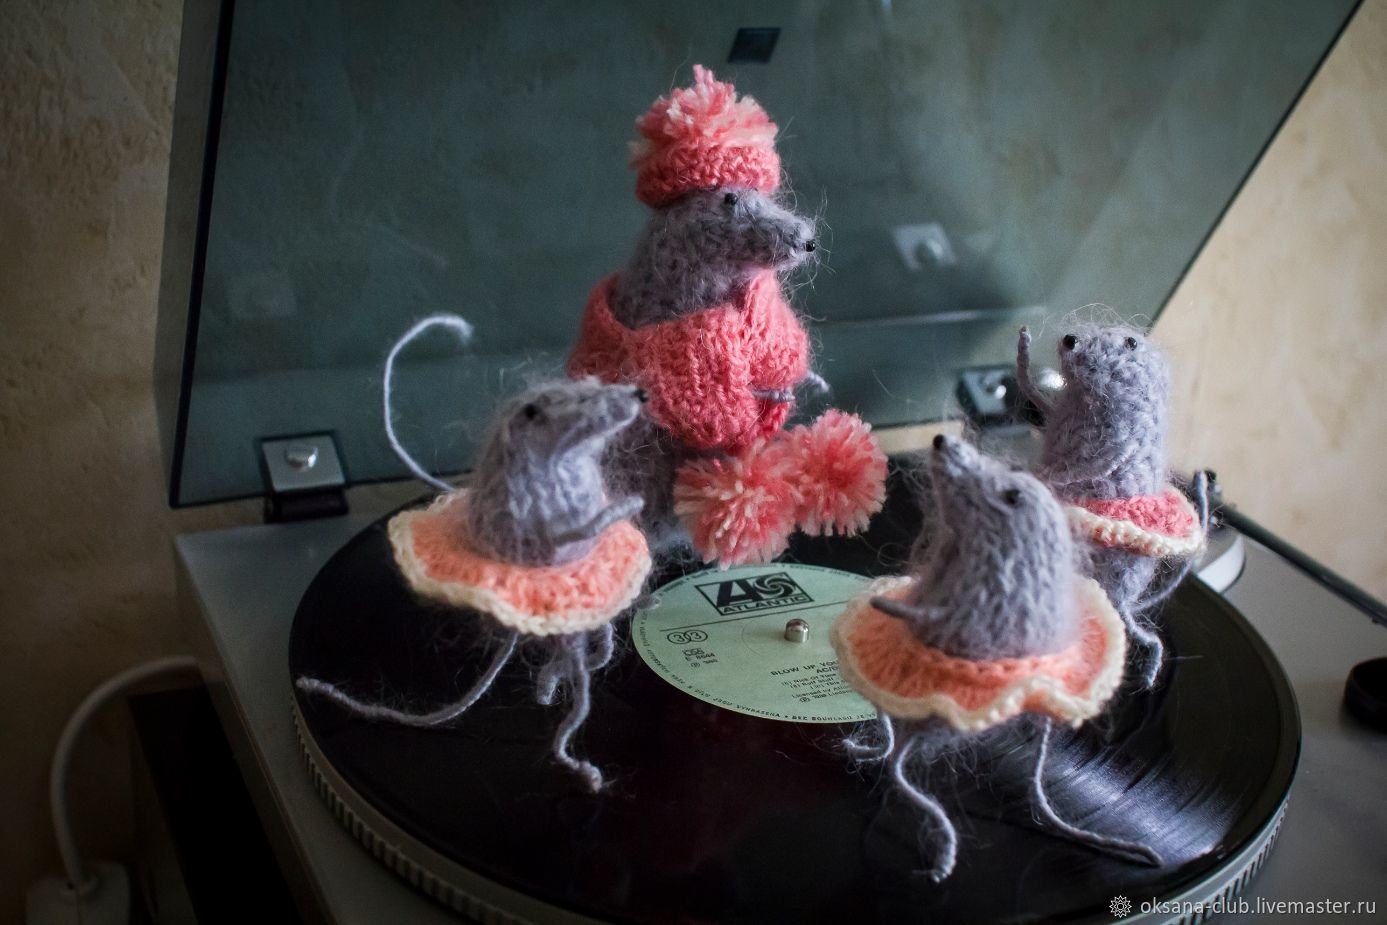 Крыса интерьерная Вязаная игрушка Новогодняя игрушка Подарок 2020 год, Мягкие игрушки, Рыбинск,  Фото №1